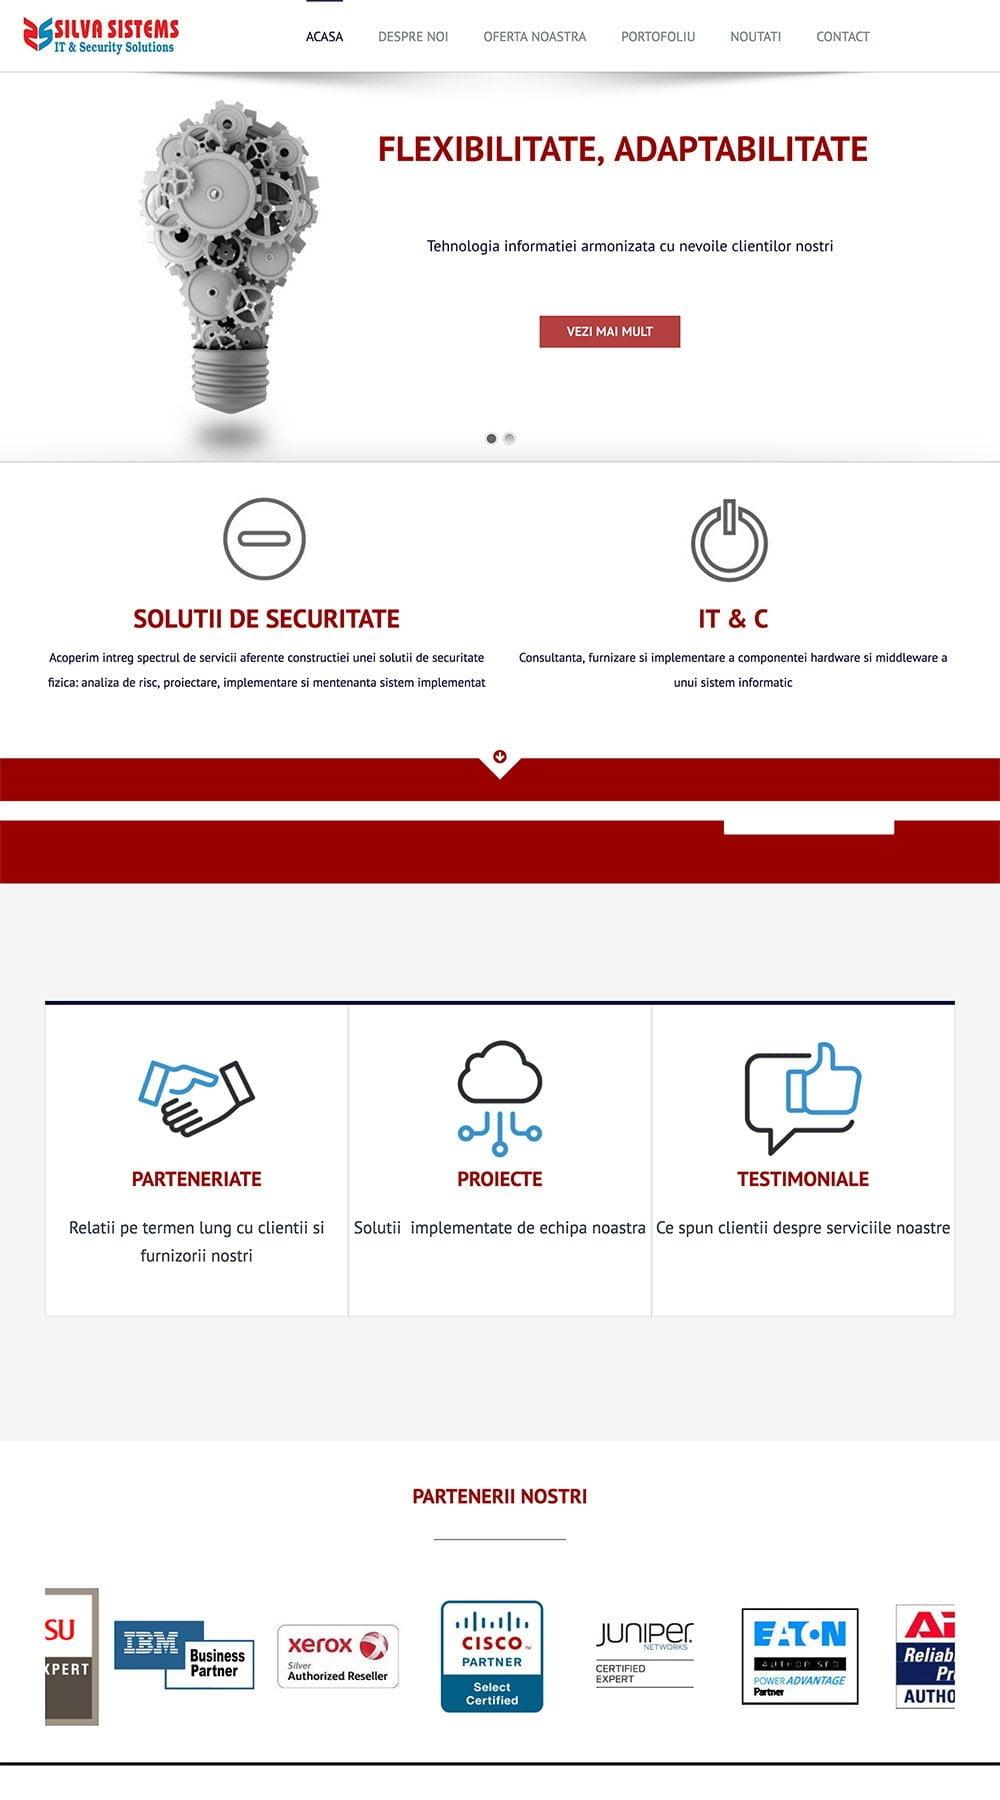 Agentie Web Design portofoliu client silvasistems.ro